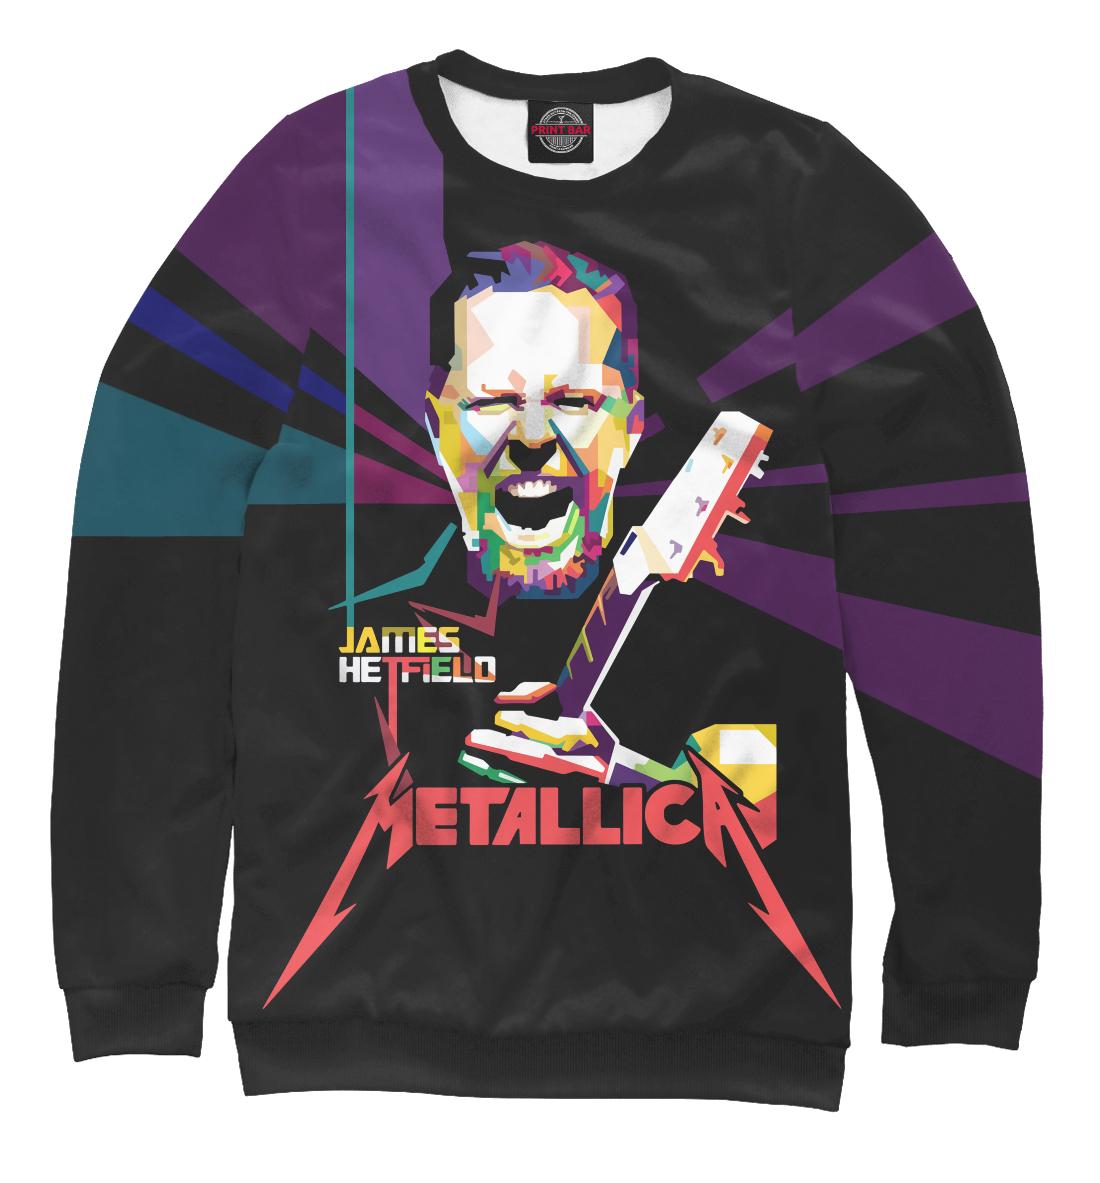 Купить Metallica James Alan Hatfield, Printbar, Свитшоты, MET-479170-swi-1